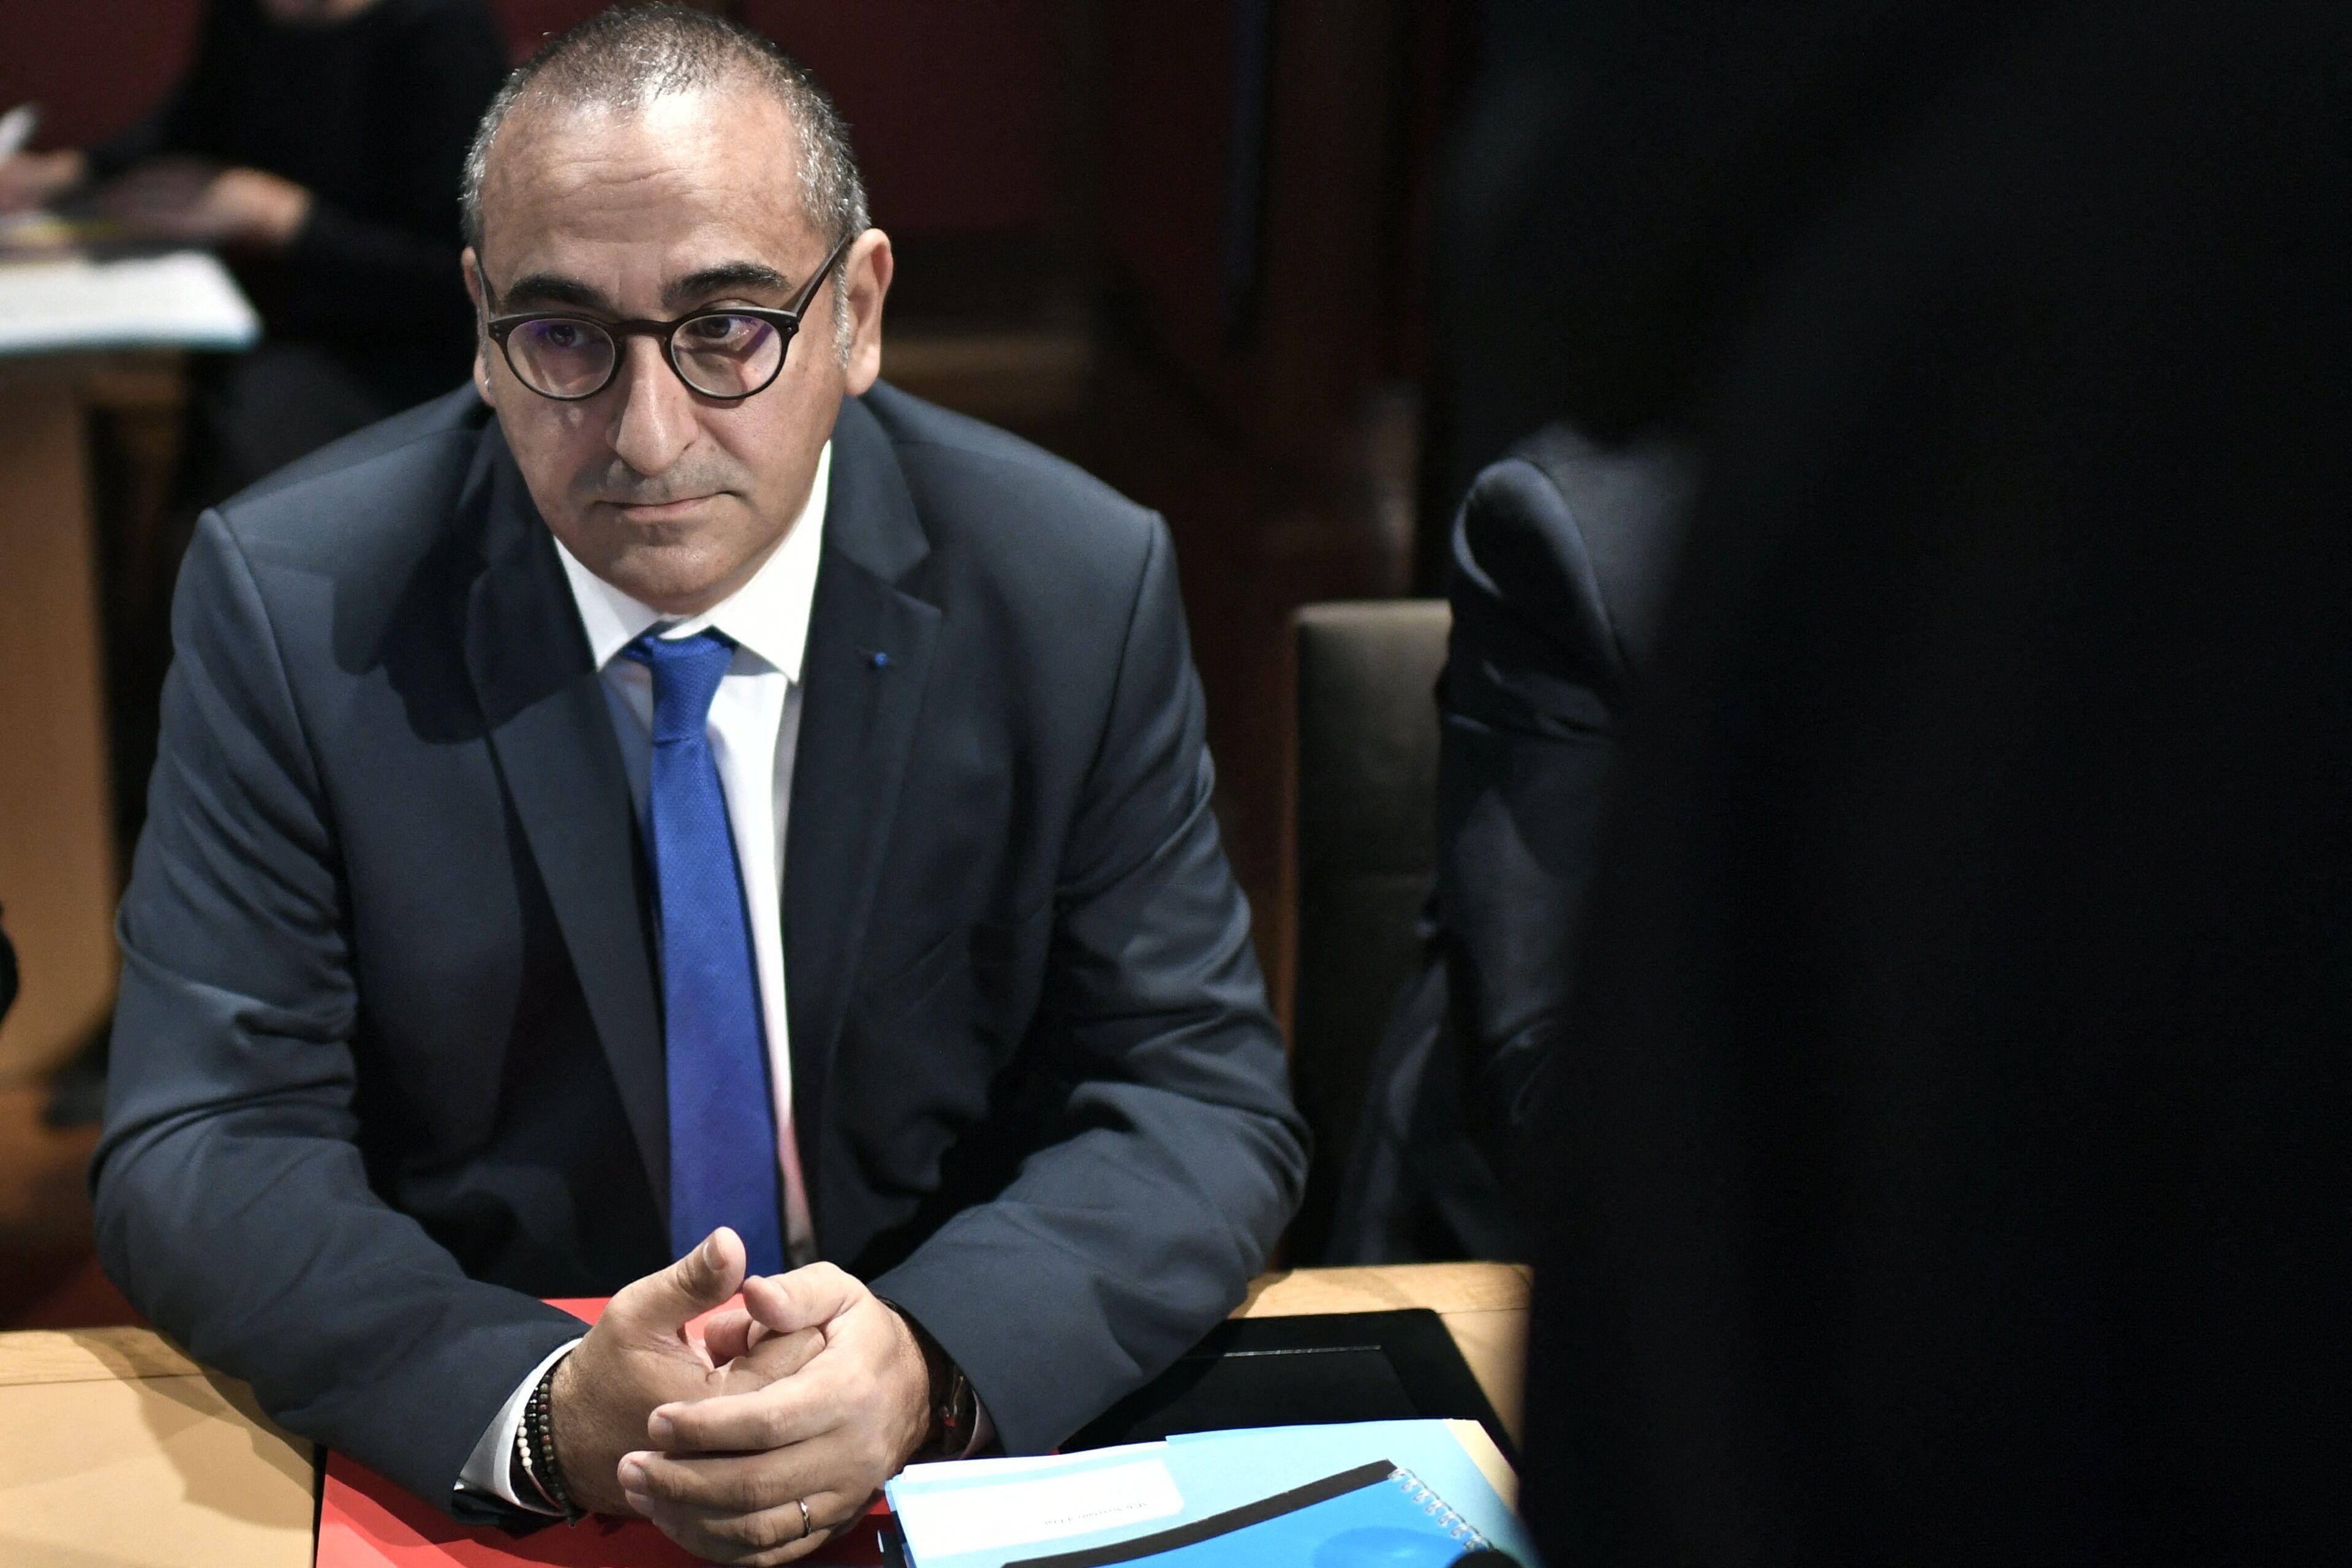 Le coordinateur national du renseignement Laurent Nuñez a expliqué pourquoi le profil de l'assaillant...